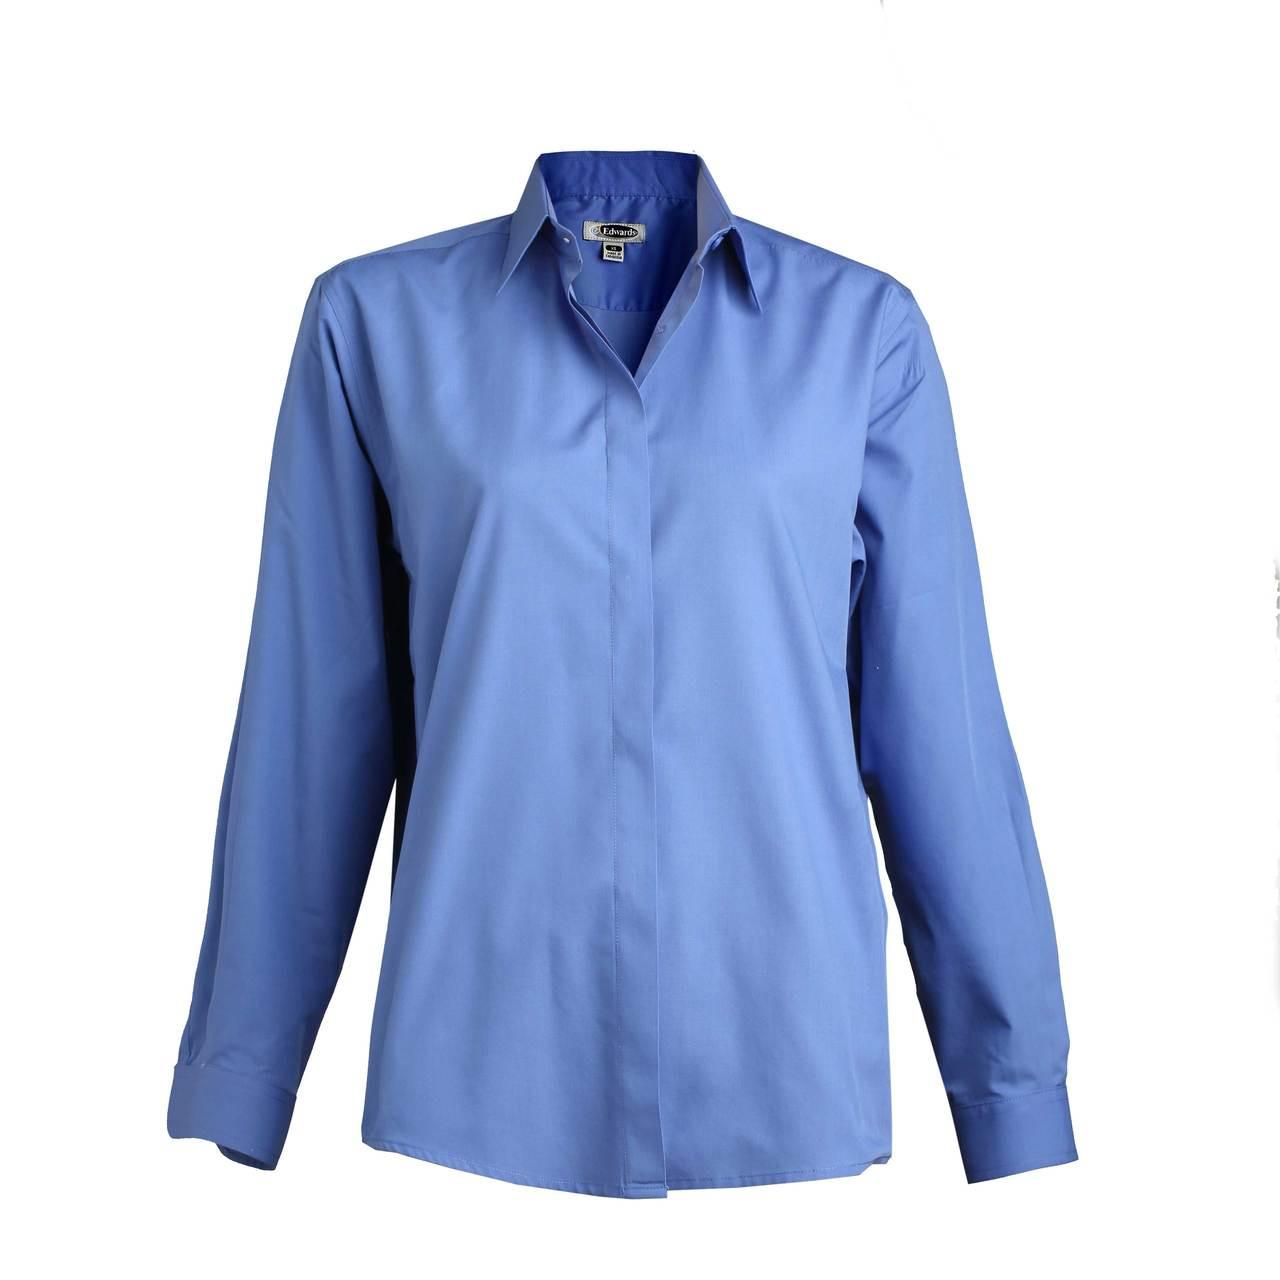 Easy Care Server Shirt - Royal